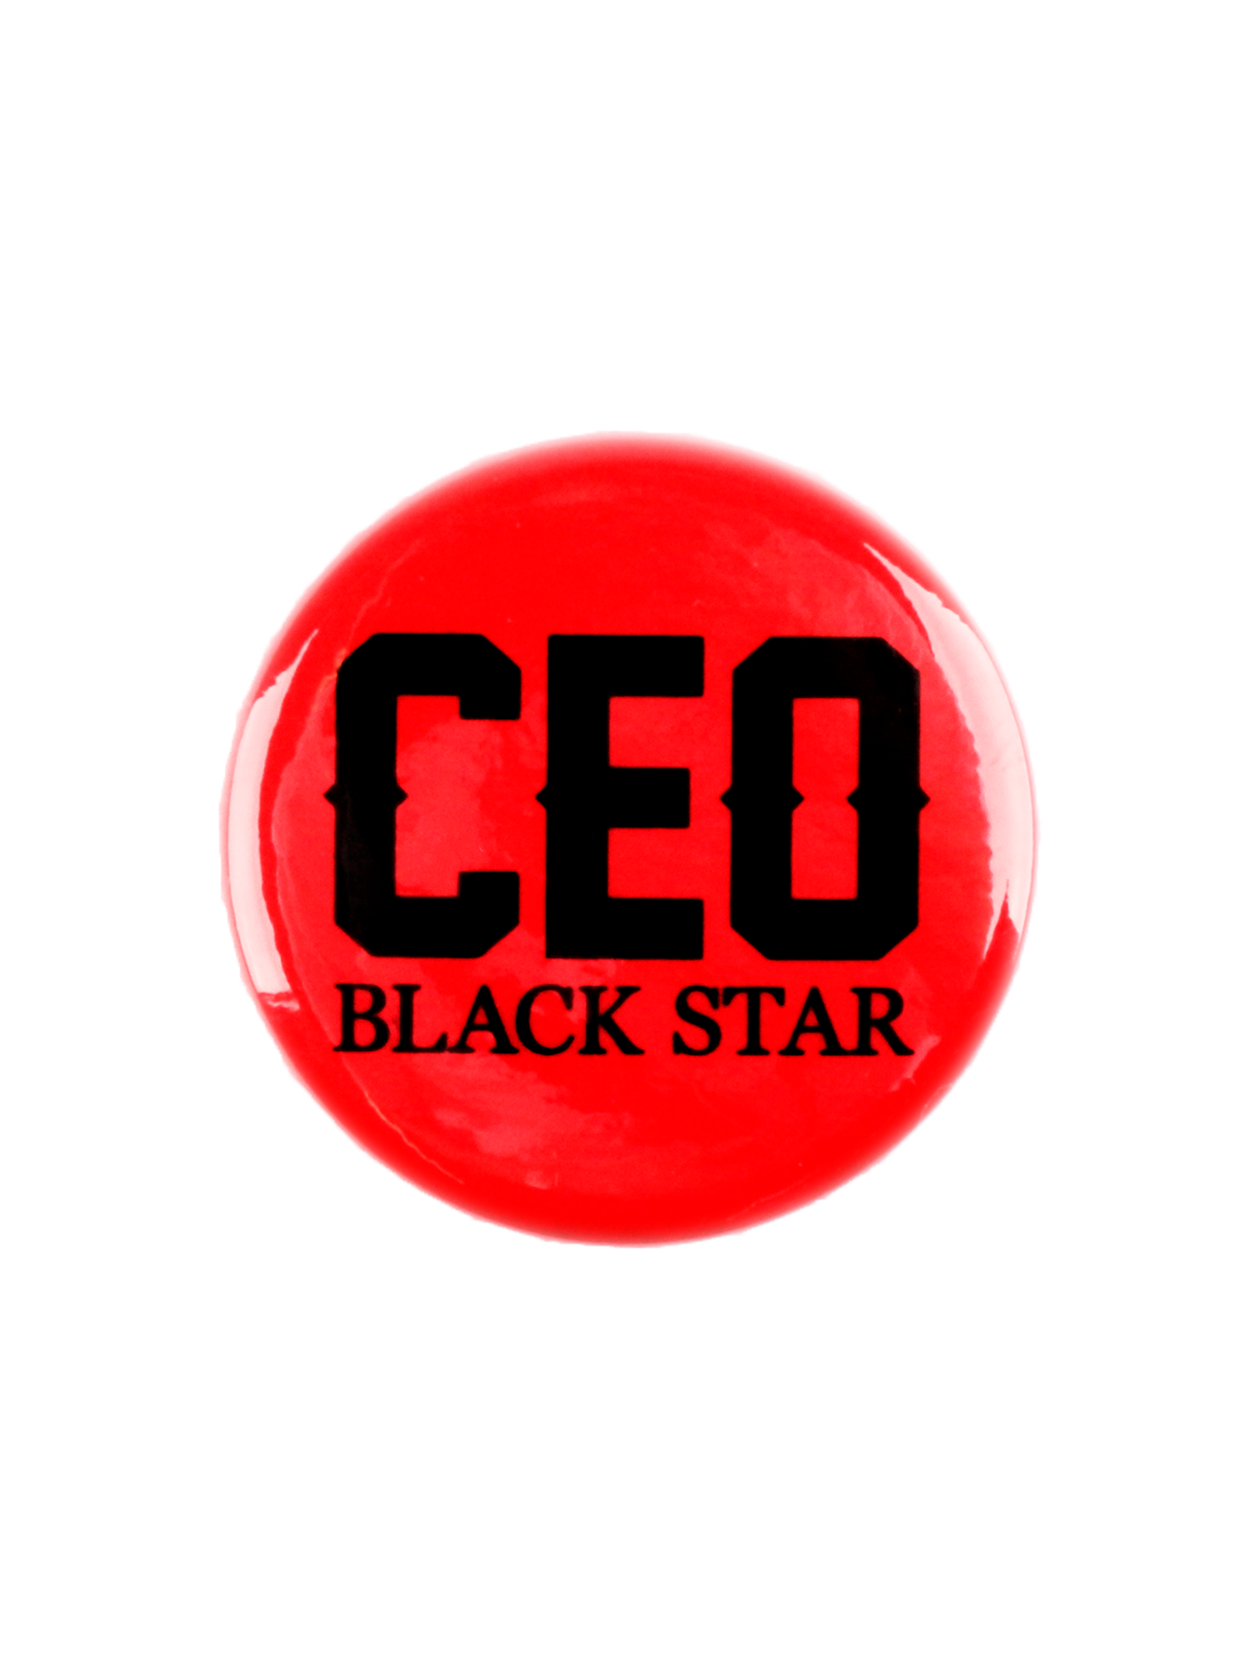 Значок ROYALTY СEOЗначок Royalty Ceo от Black Star Wear – оригинальный аксессуар для индивидуализации своего лука. Изделие традиционной круглой формы с глянцевой поверхностью. В качестве застежки выступает удобная и надежная английская булавка. Модель изготовлена из прочного материала черного цвета, декорирована надписью «Ceo Black Star». Подходит к одежде спортивного и повседневного стиля.<br><br>Размер: Единый размер<br>Цвет: Красный<br>Пол: Унисекс